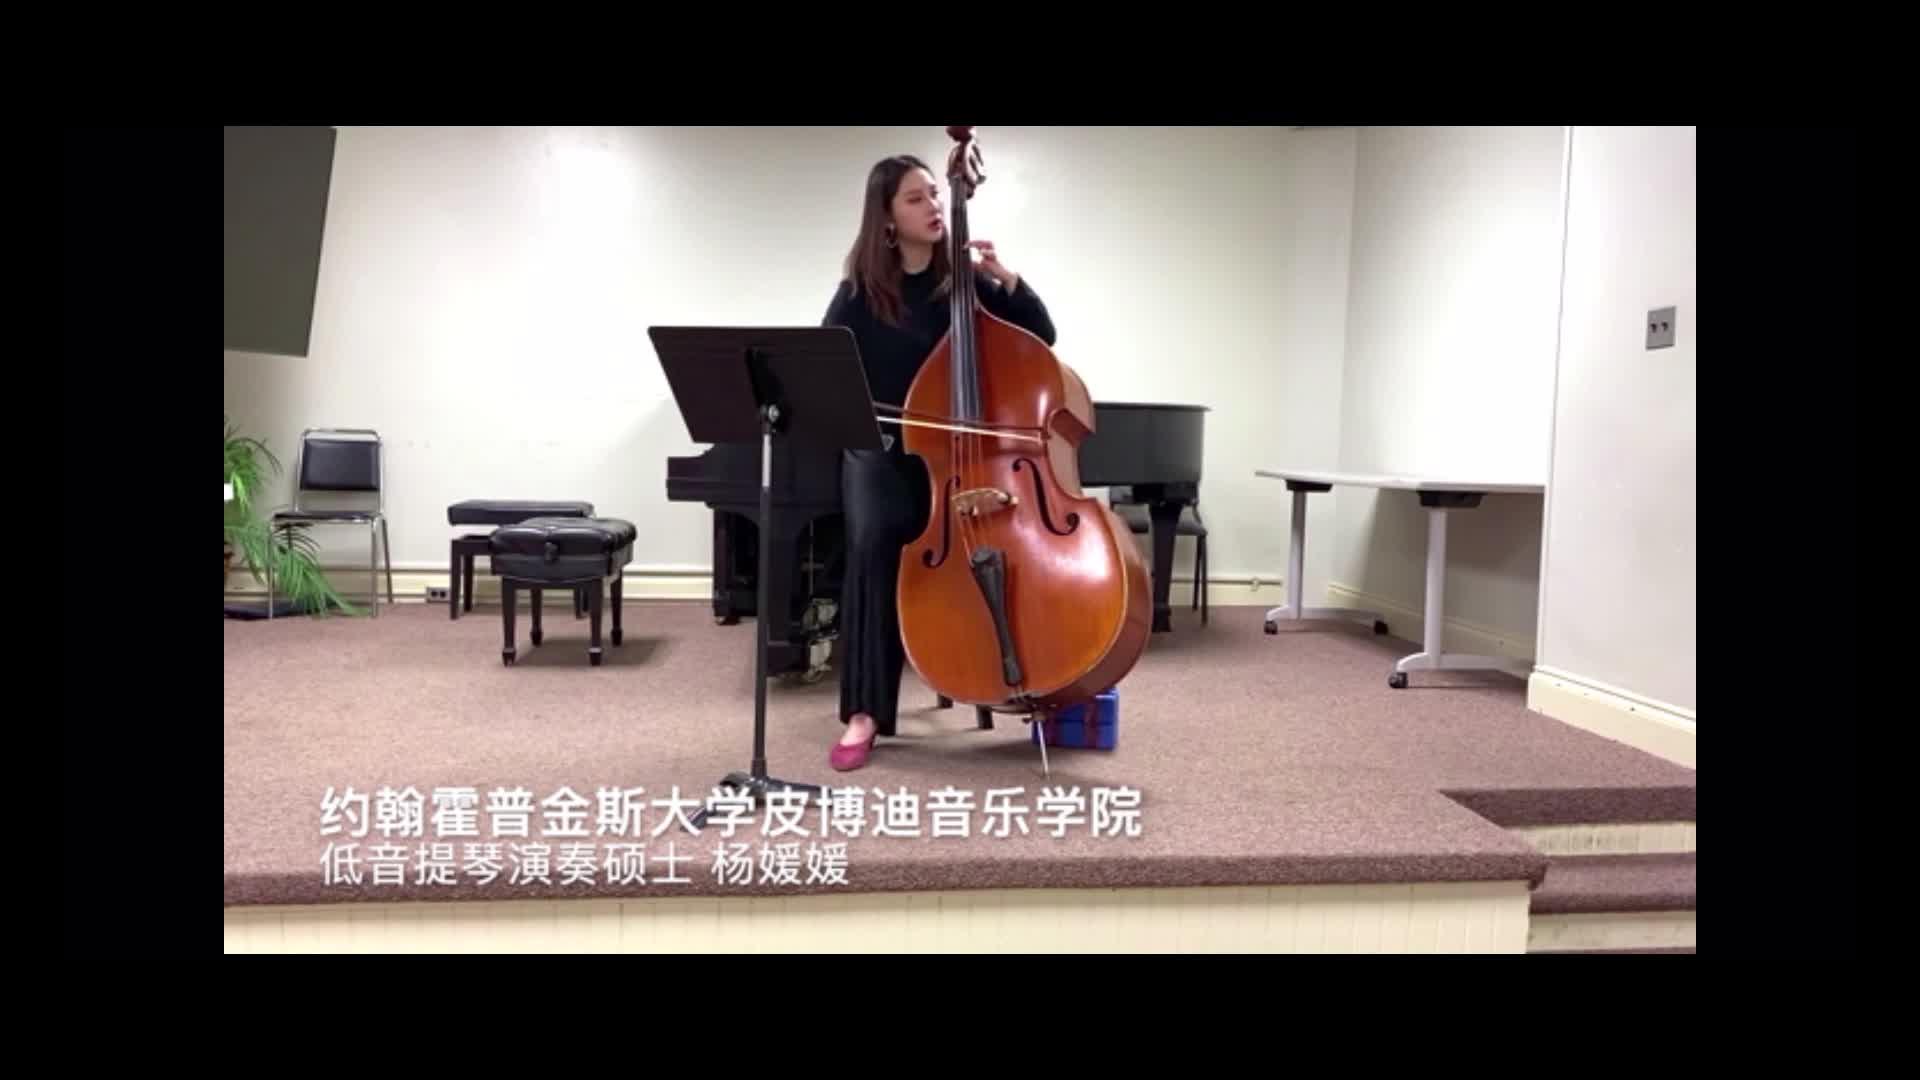 03 约翰霍普金斯皮博迪音乐学院 提琴演奏 杨媛媛